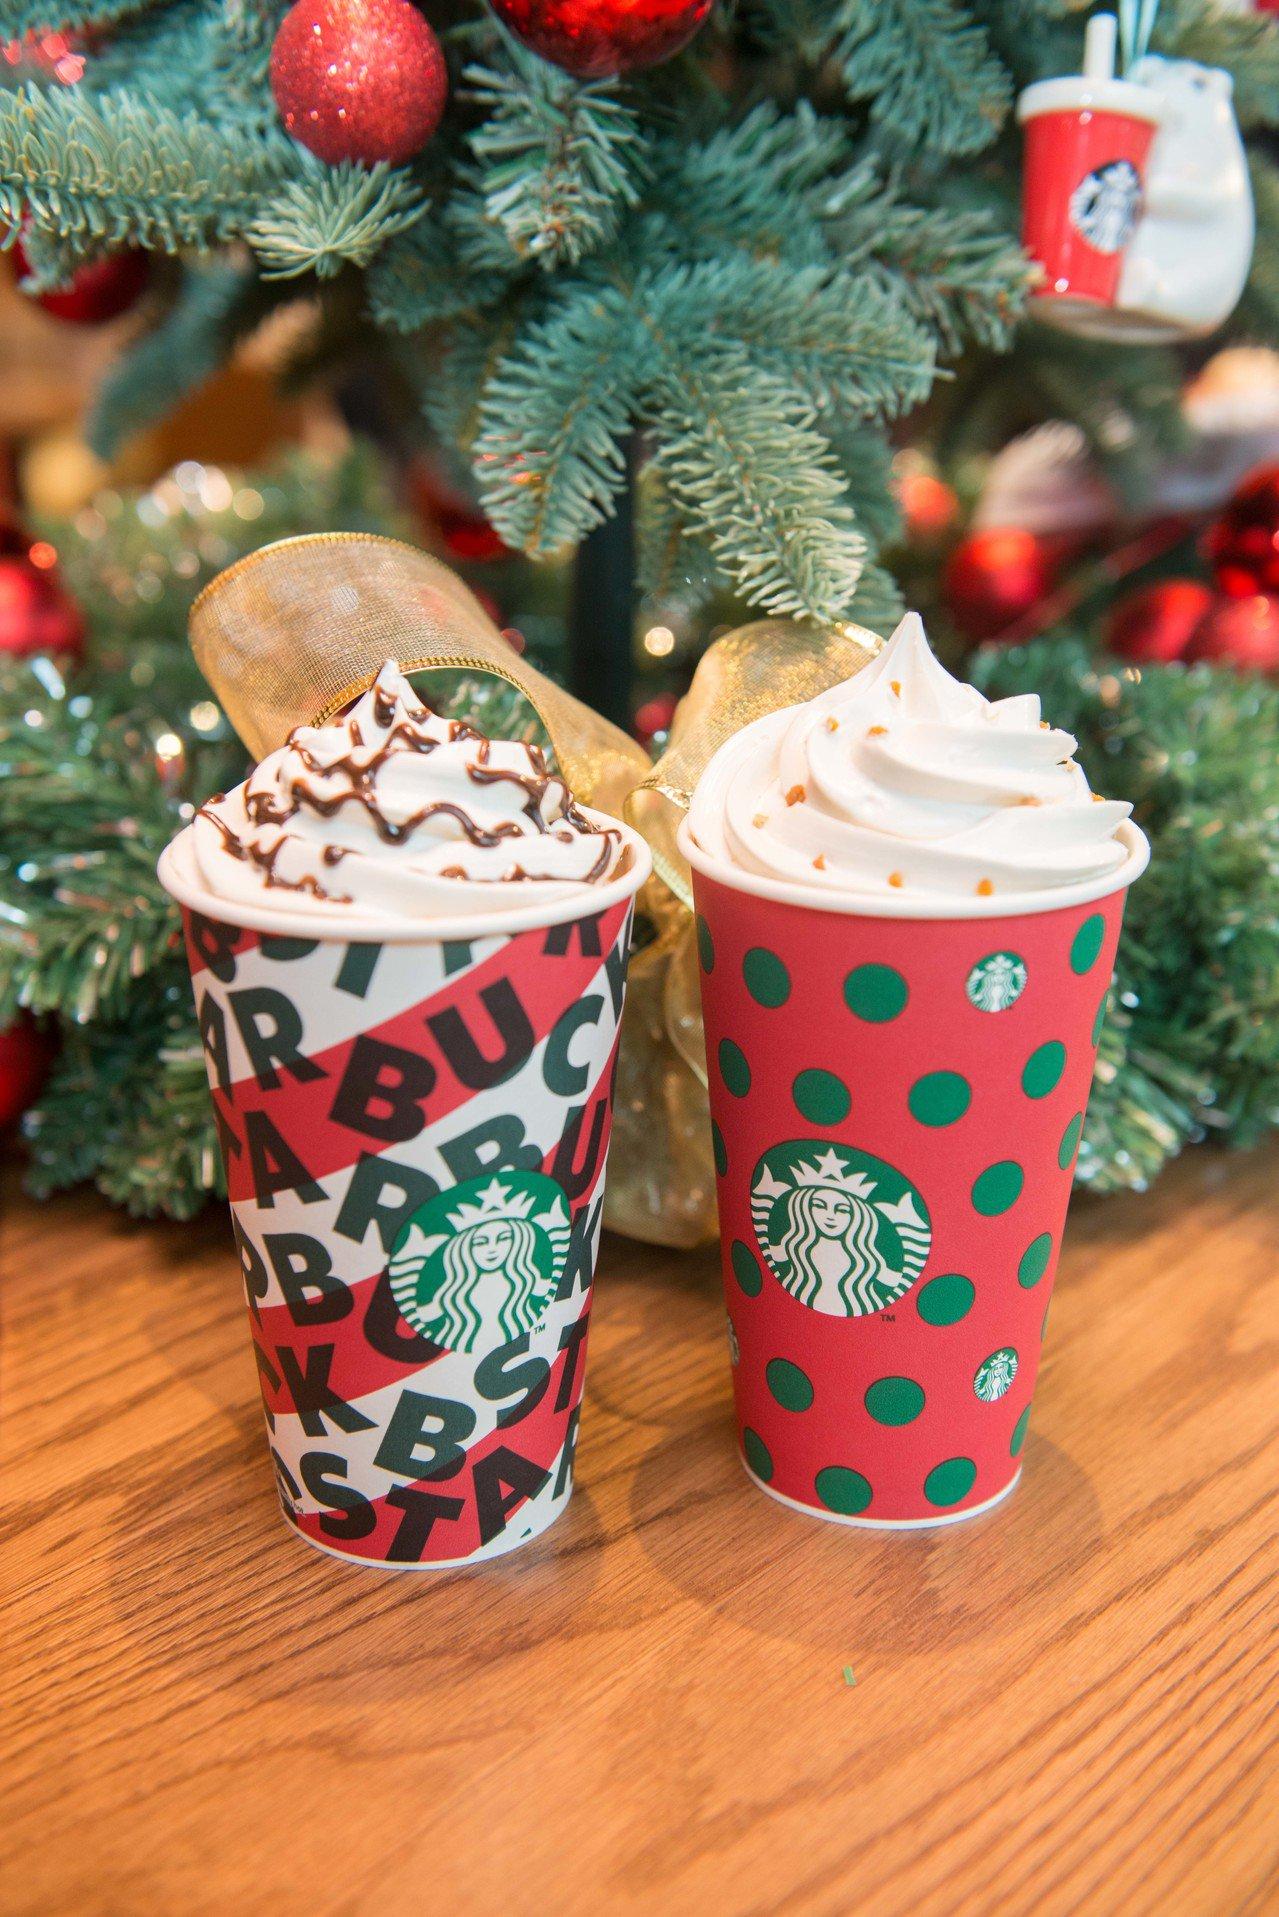 星巴克兩款復古耶誕紅杯。圖/星巴克提供